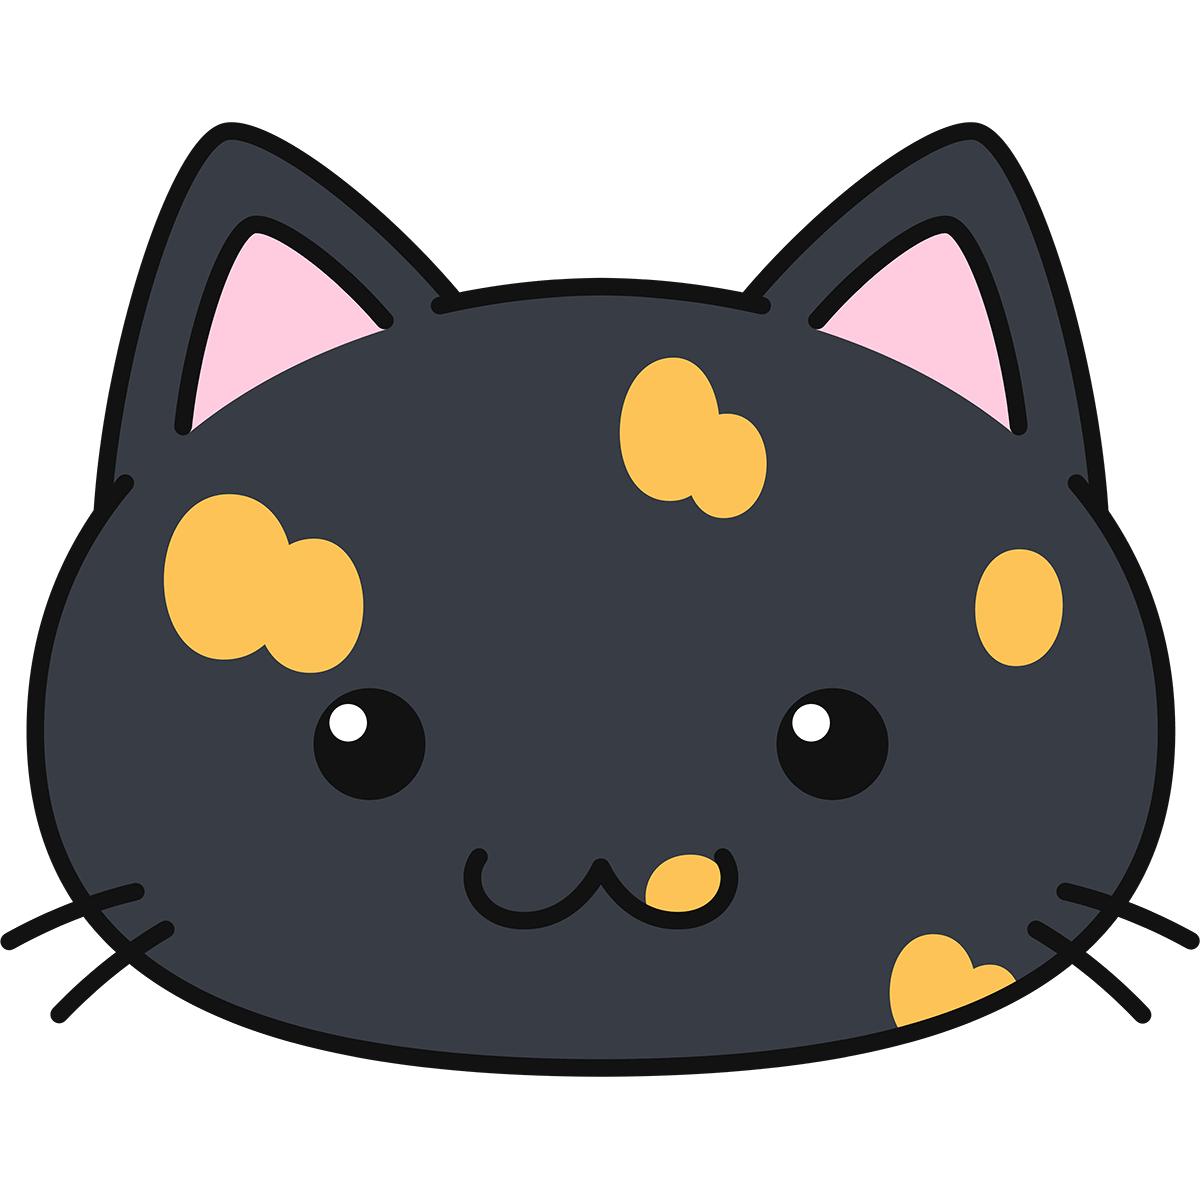 サビ猫の顔(丸目)の無料イラスト